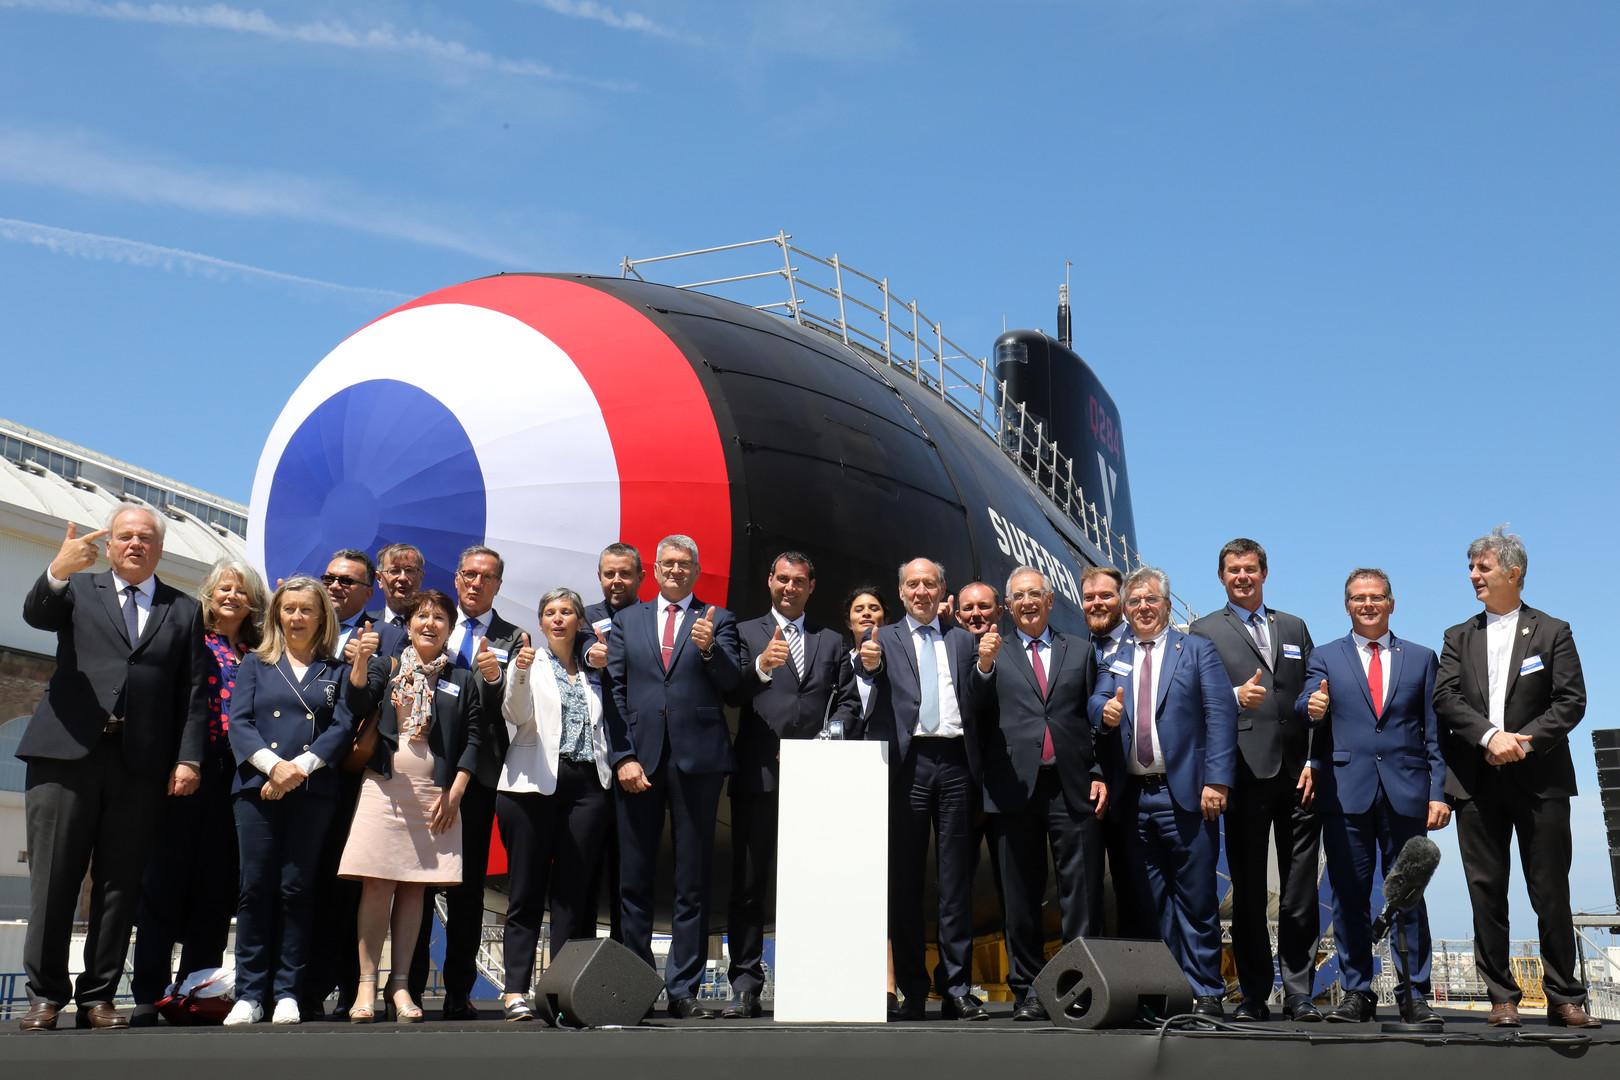 La France inaugure son nouveau sous-marin nucléaire d'attaque à Cherbourg (IMAGES)